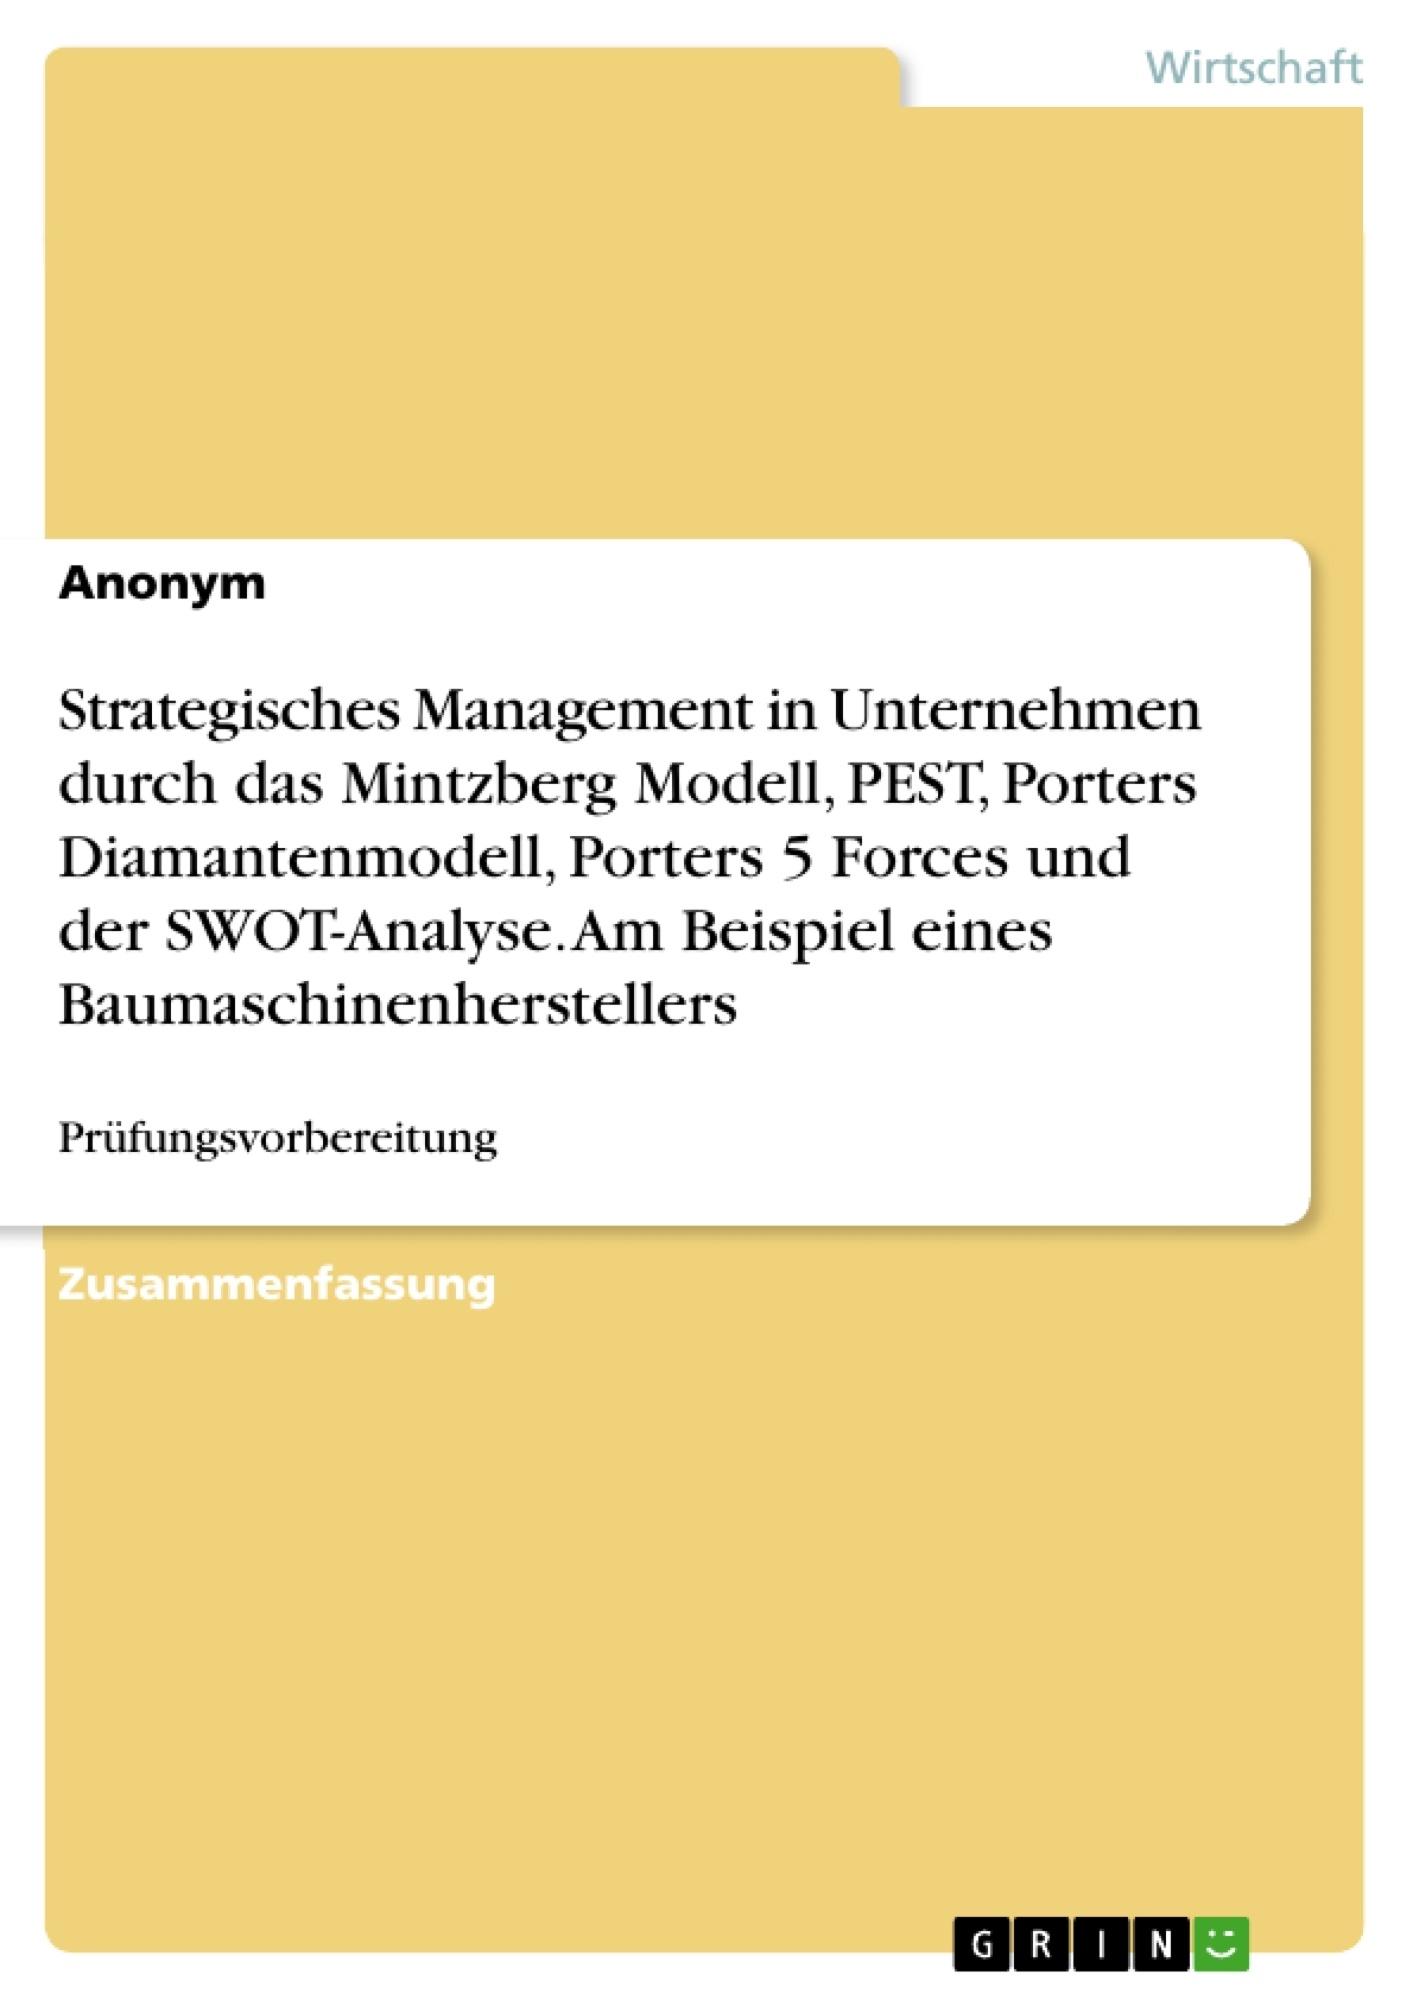 Titel: Strategisches Management in Unternehmen durch das Mintzberg Modell, PEST, Porters Diamantenmodell, Porters 5 Forces und der SWOT-Analyse. Am Beispiel eines Baumaschinenherstellers